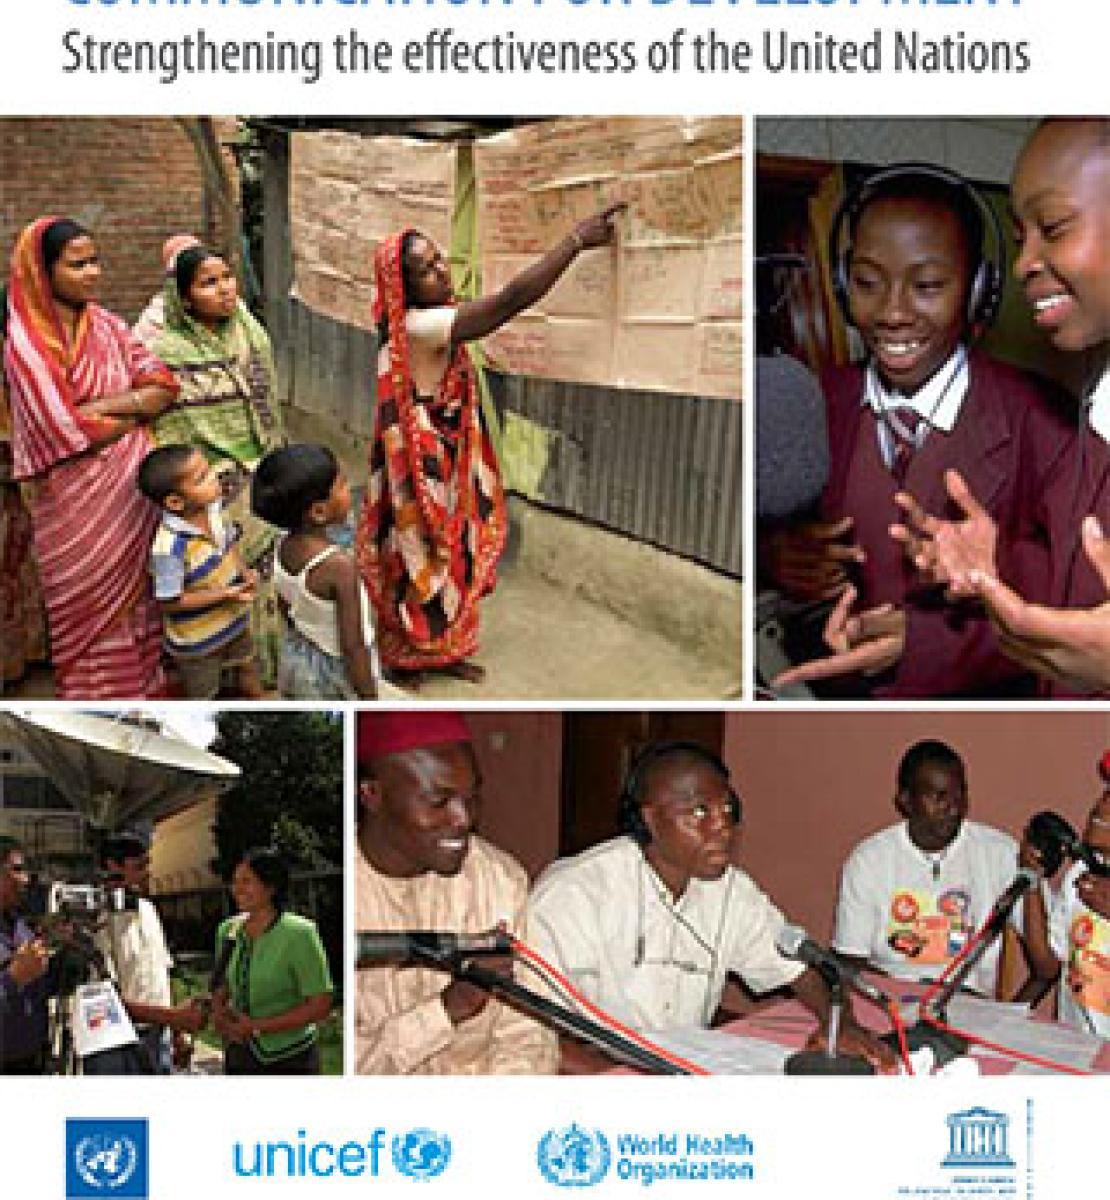 Communication pour le développement: Renforcer l'efficacité des Nations Unies